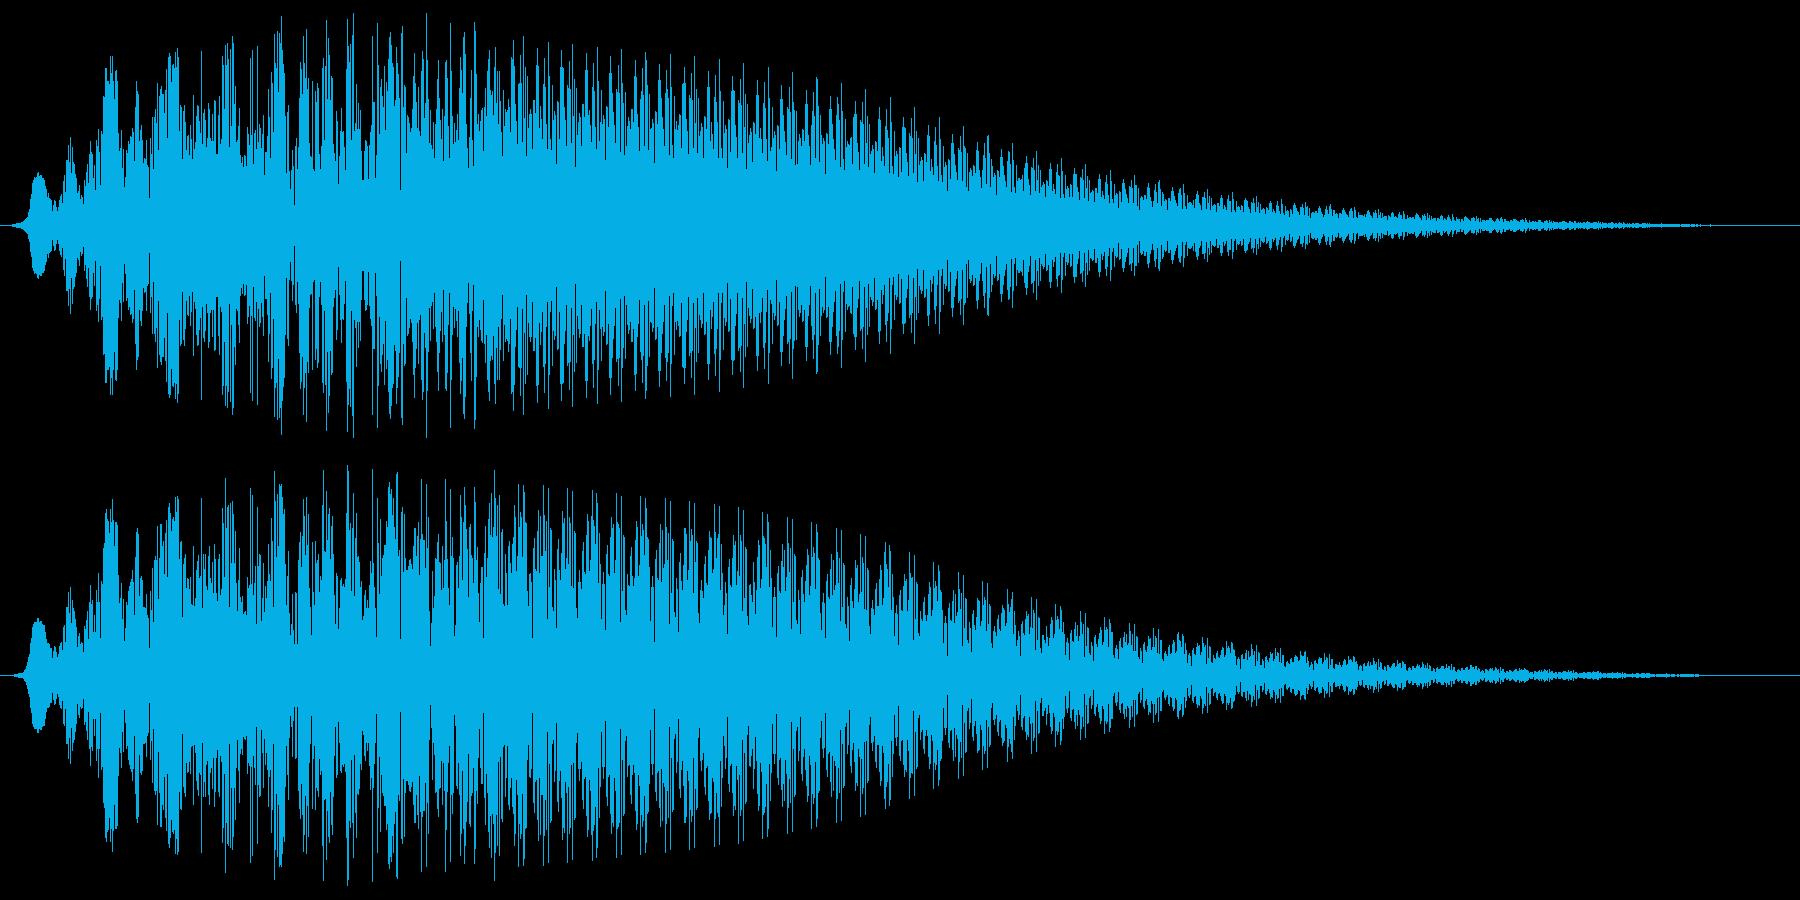 ポワワワーン、という不思議な電子音の再生済みの波形